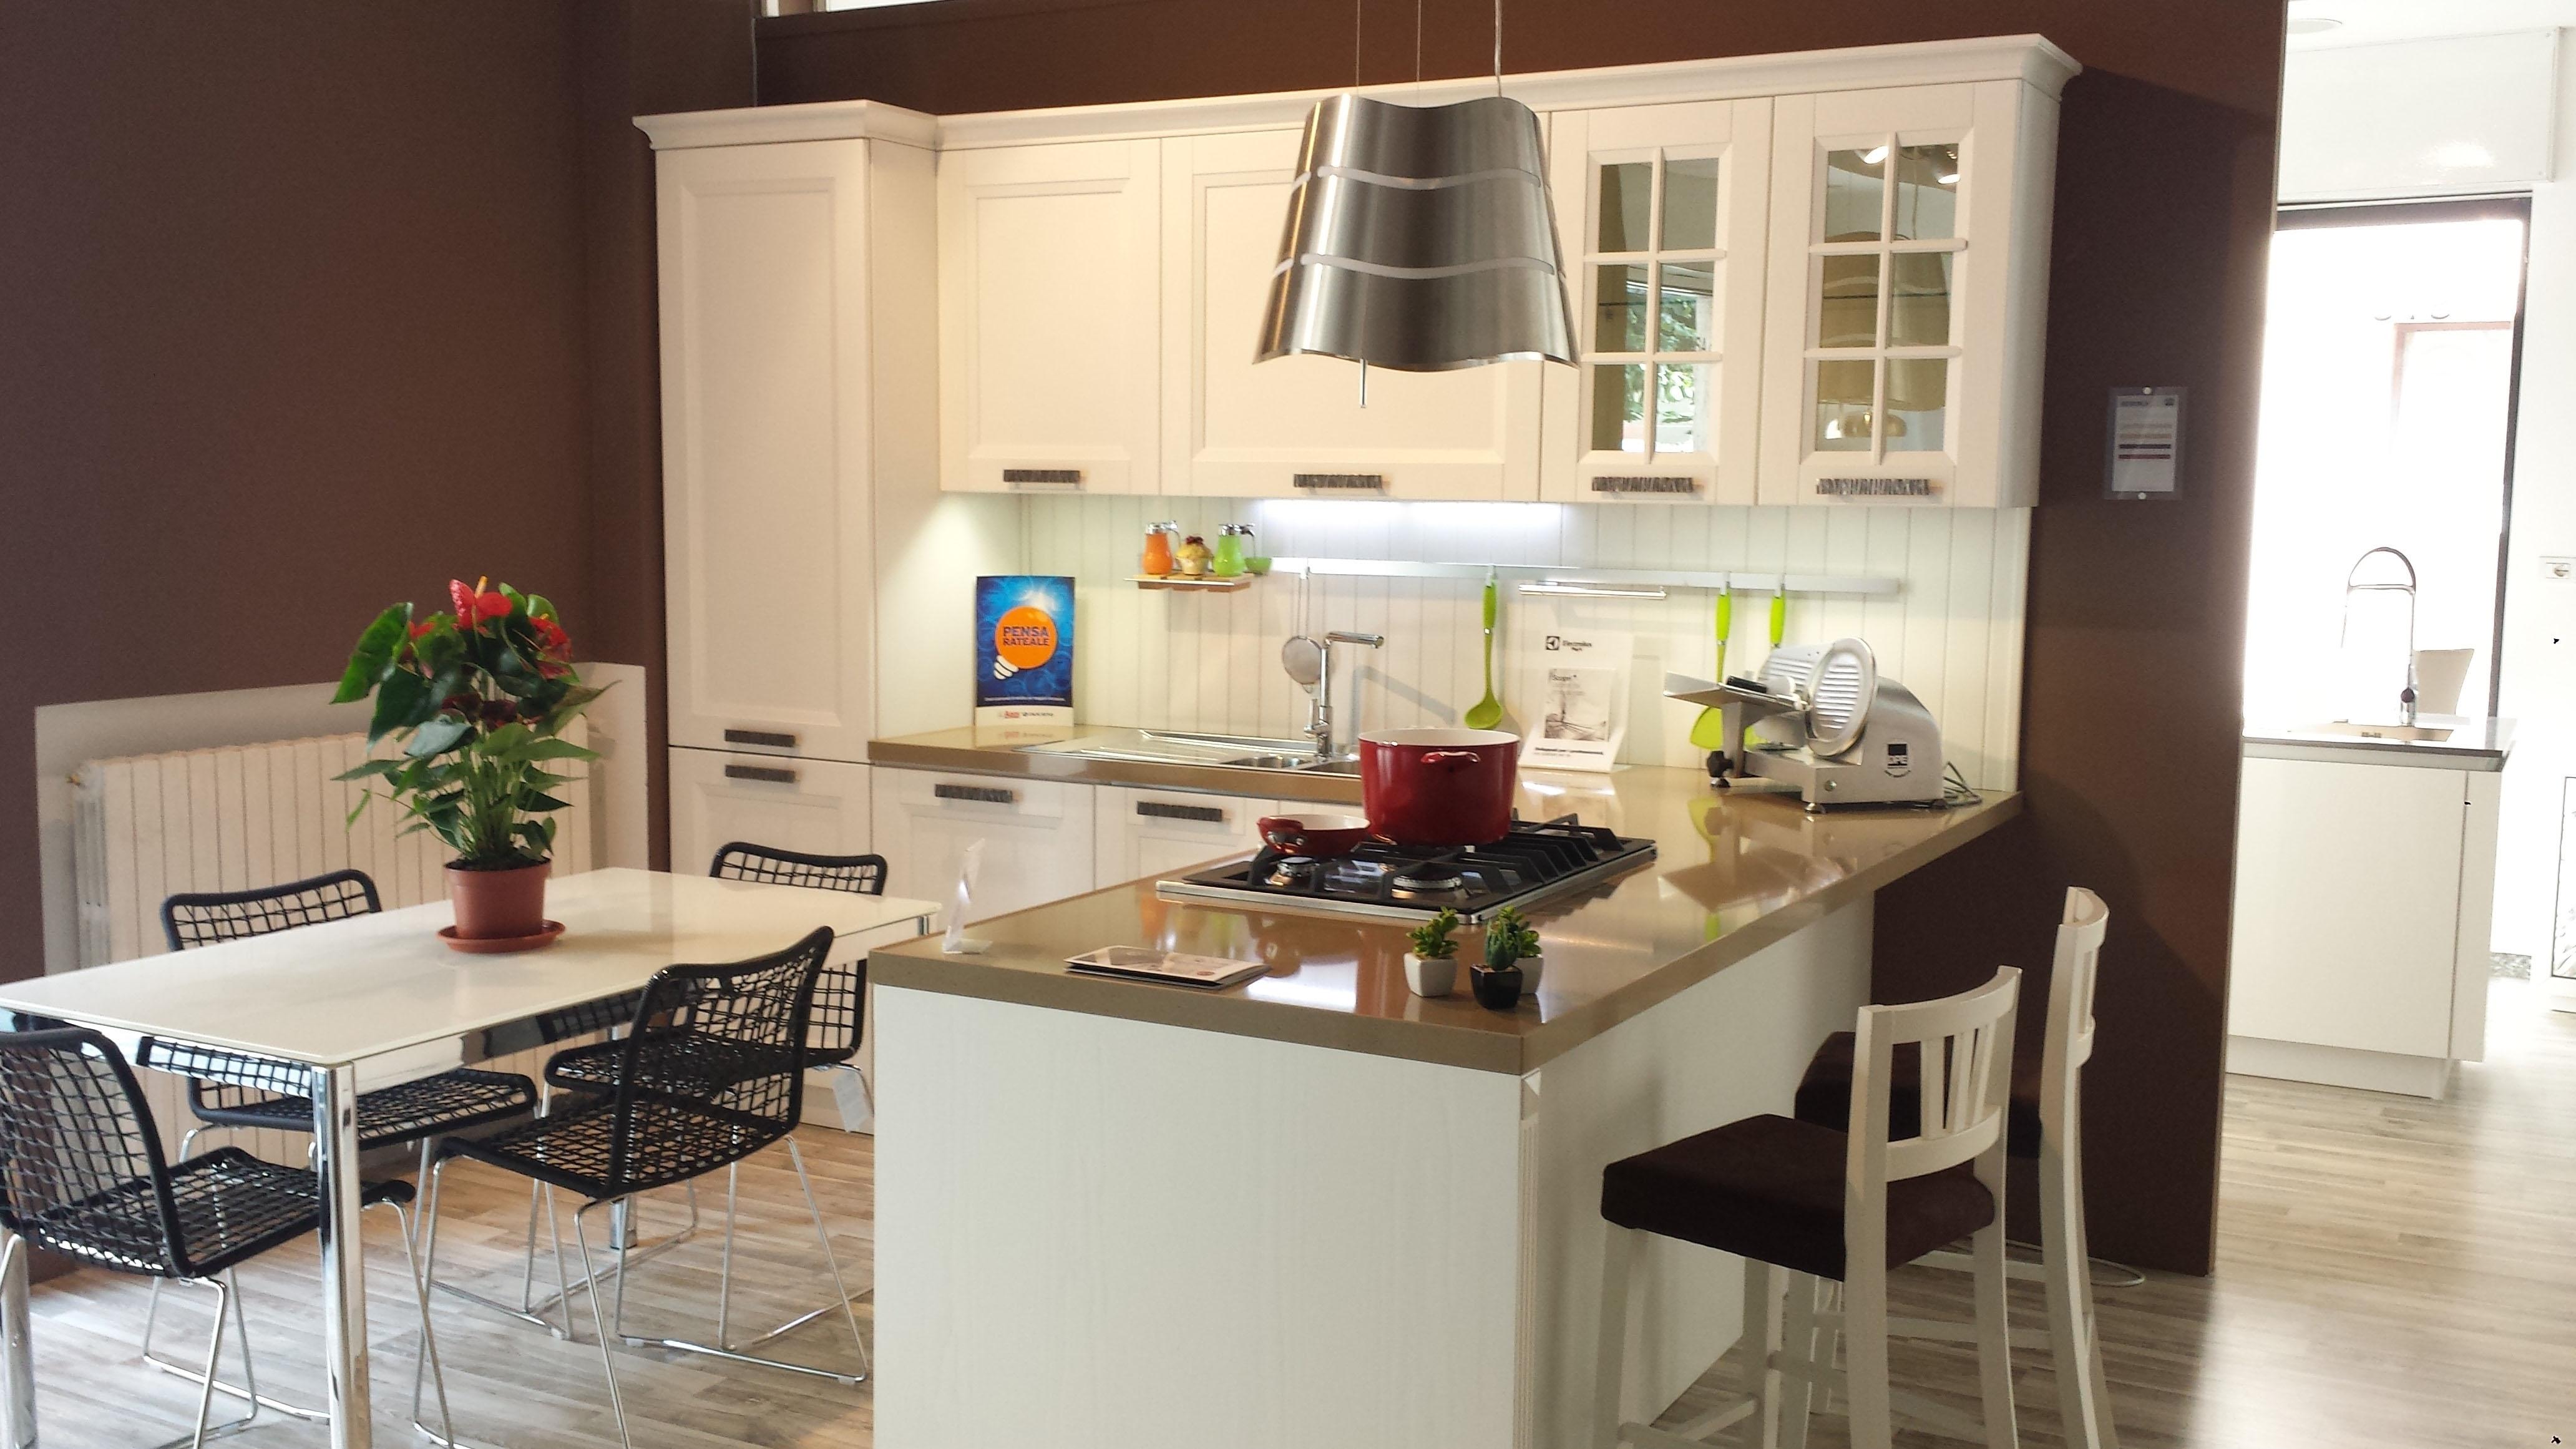 Cucine In Vendita. Great Cucine Moderne Modello Bijou In ...